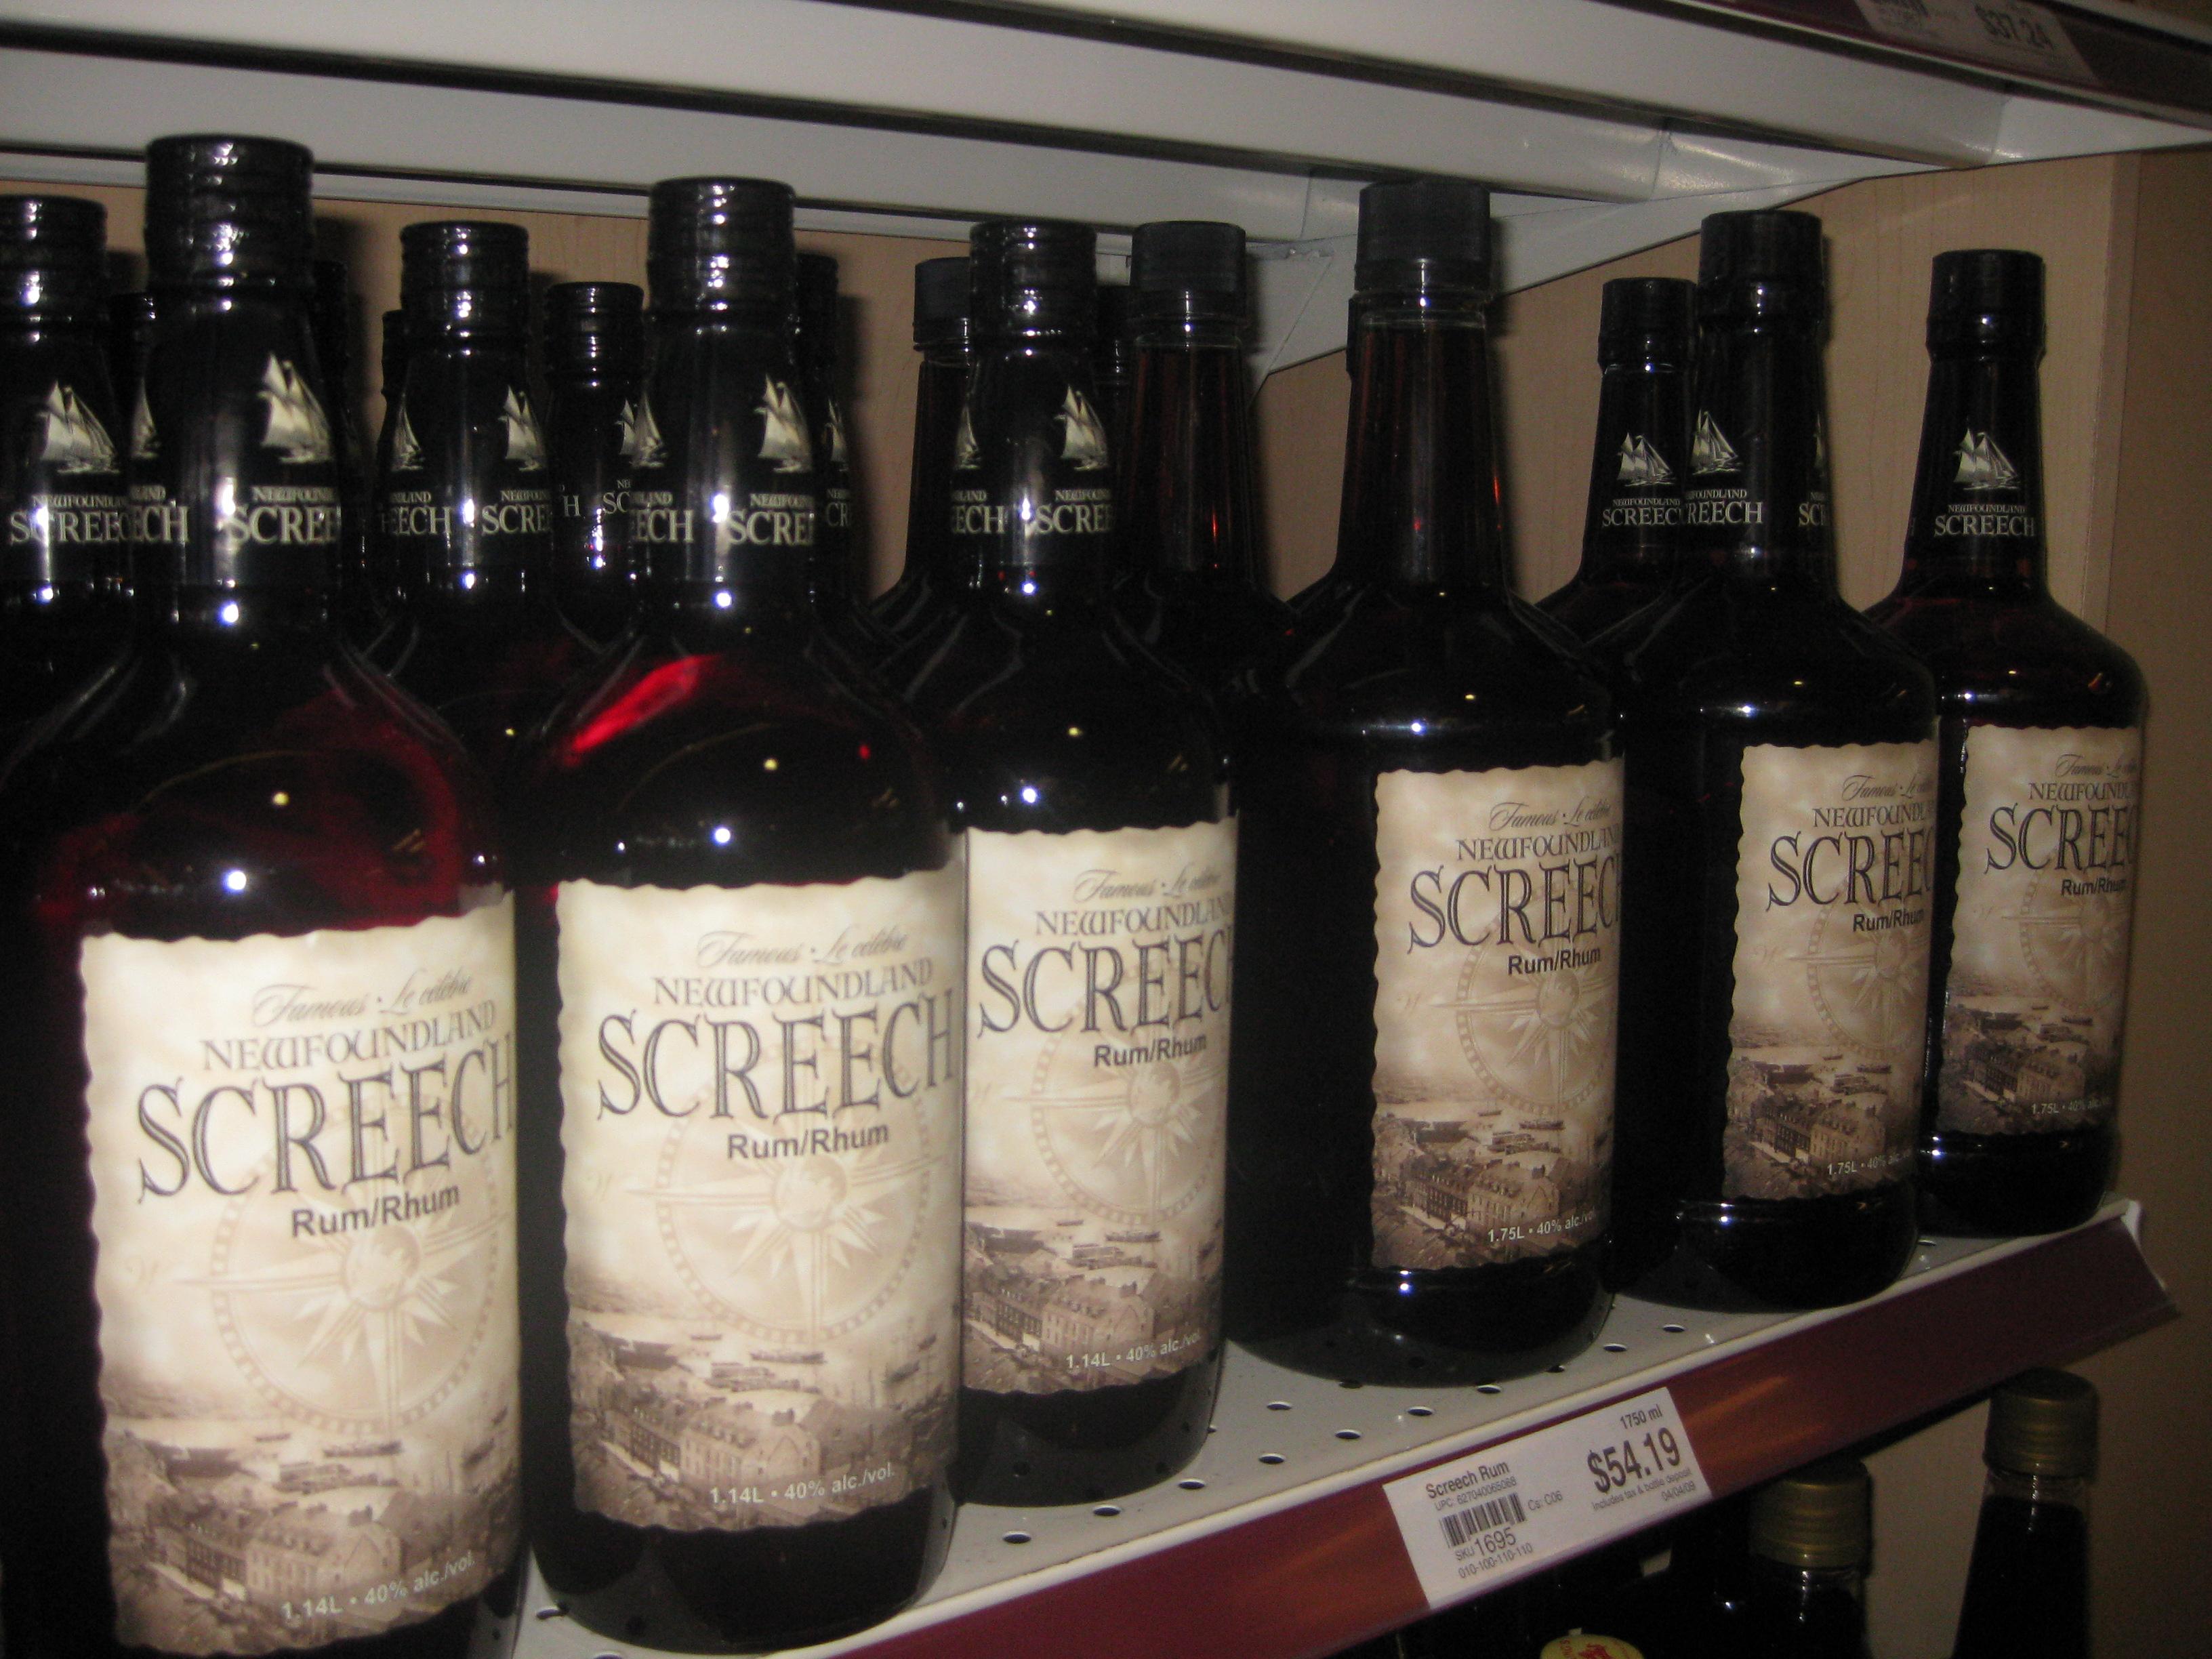 Newfoundland Screech, on shelves (17 August 2009)